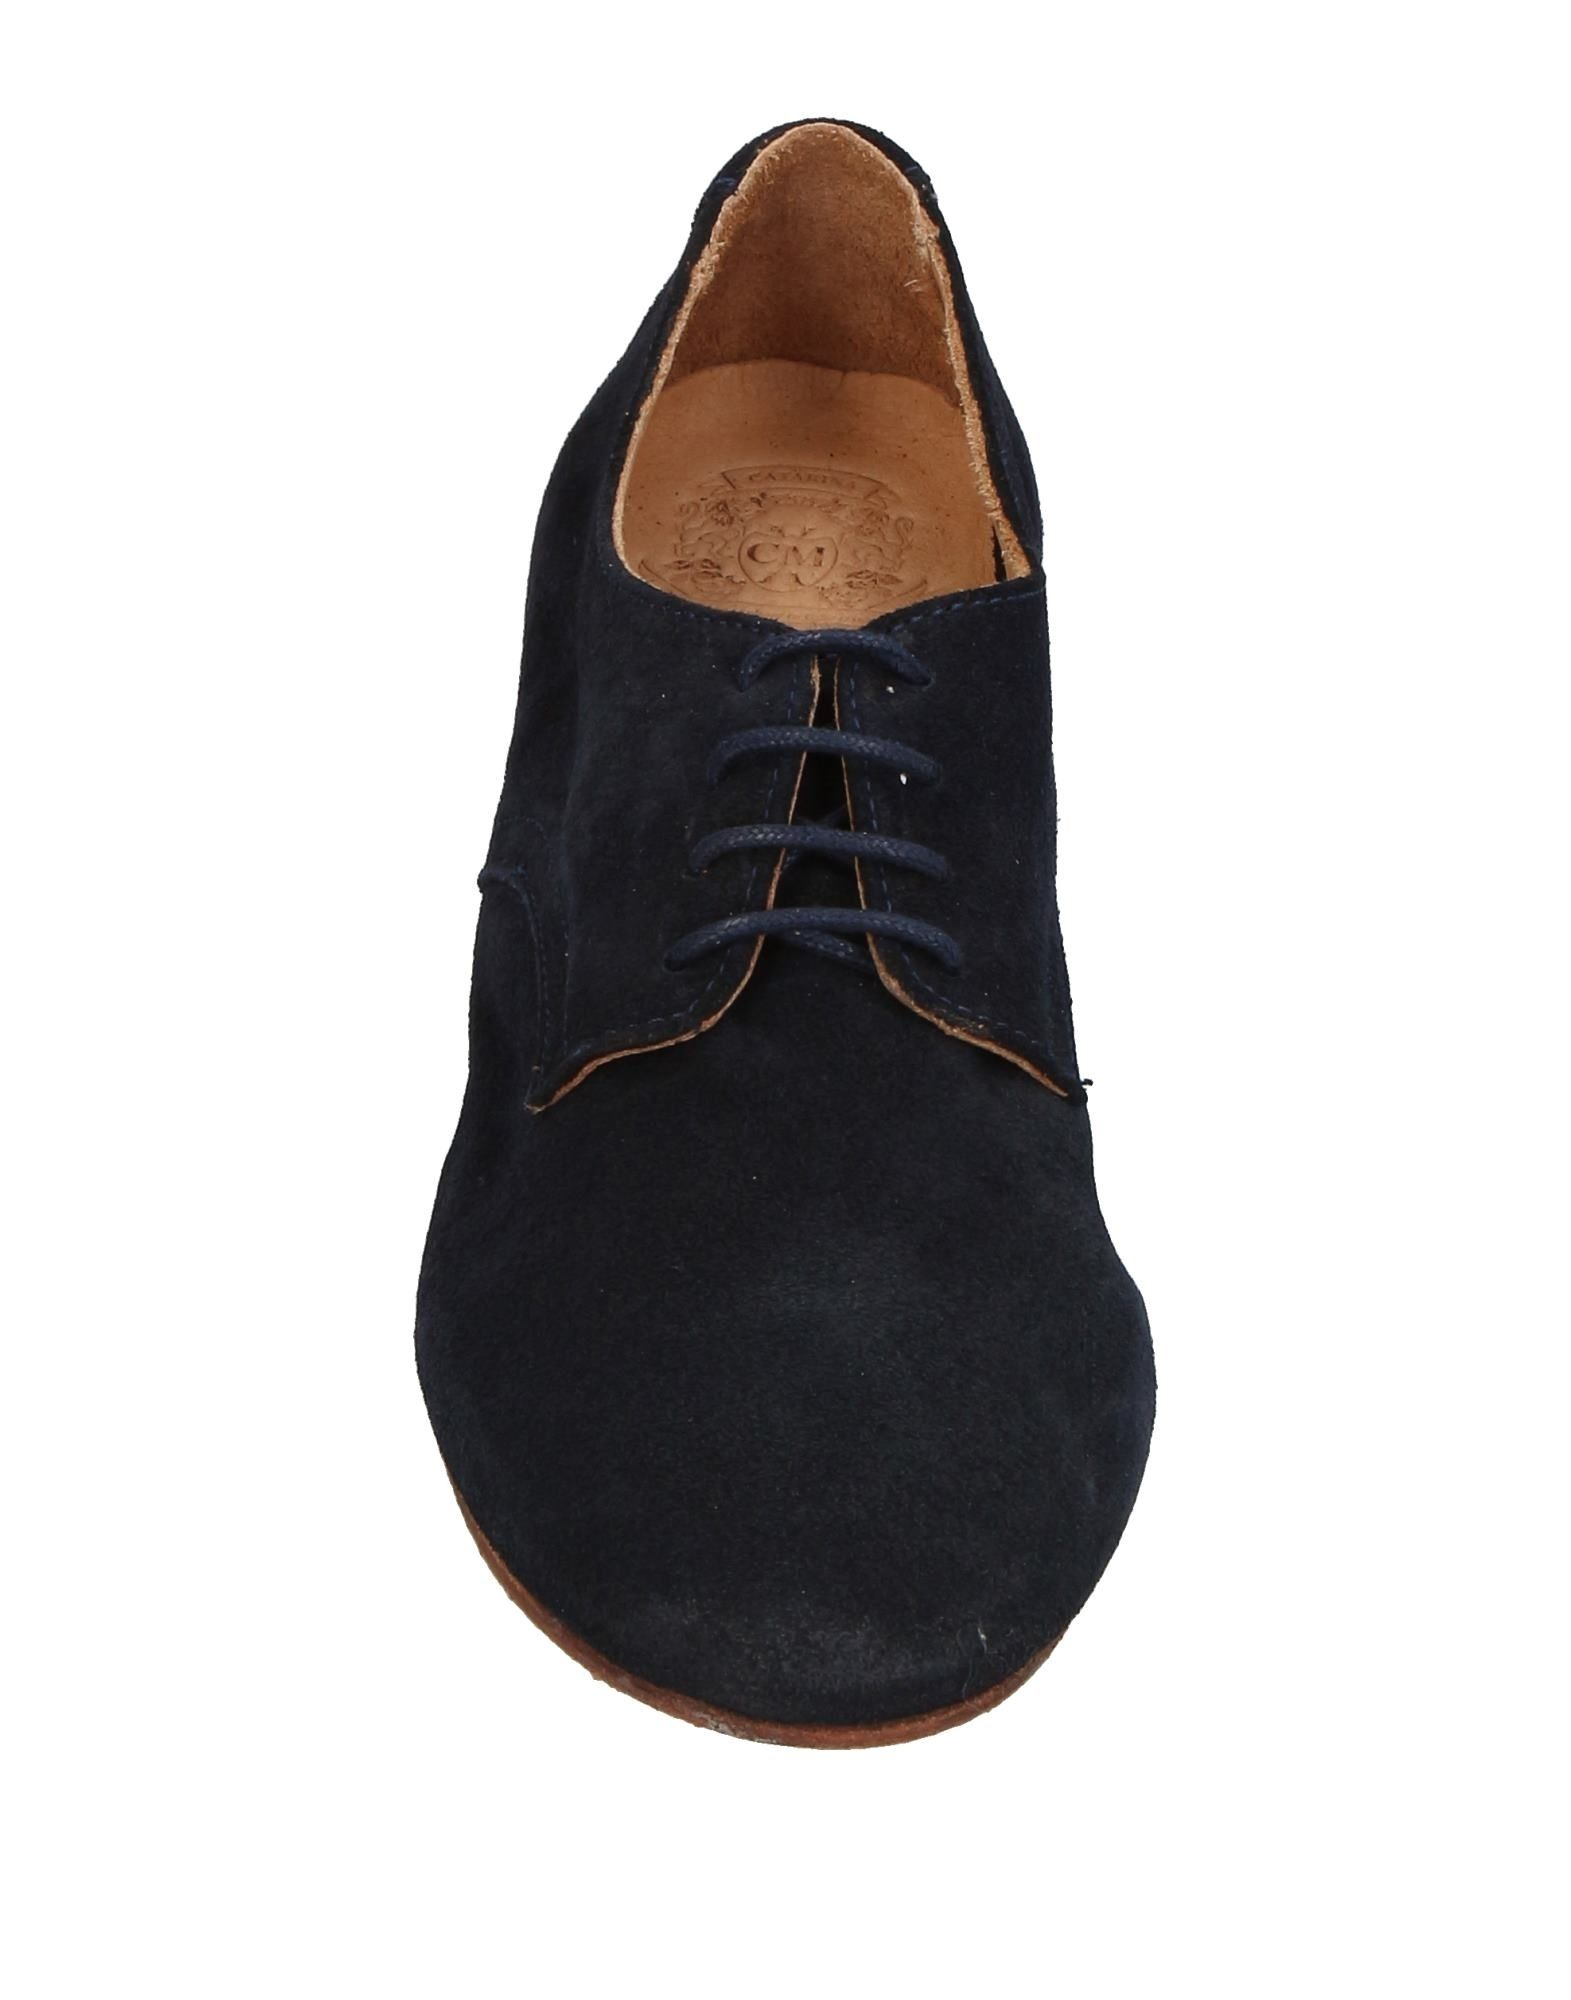 Catarina Martins Schnürschuhe Damen  11396021PR Gute Qualität beliebte Schuhe